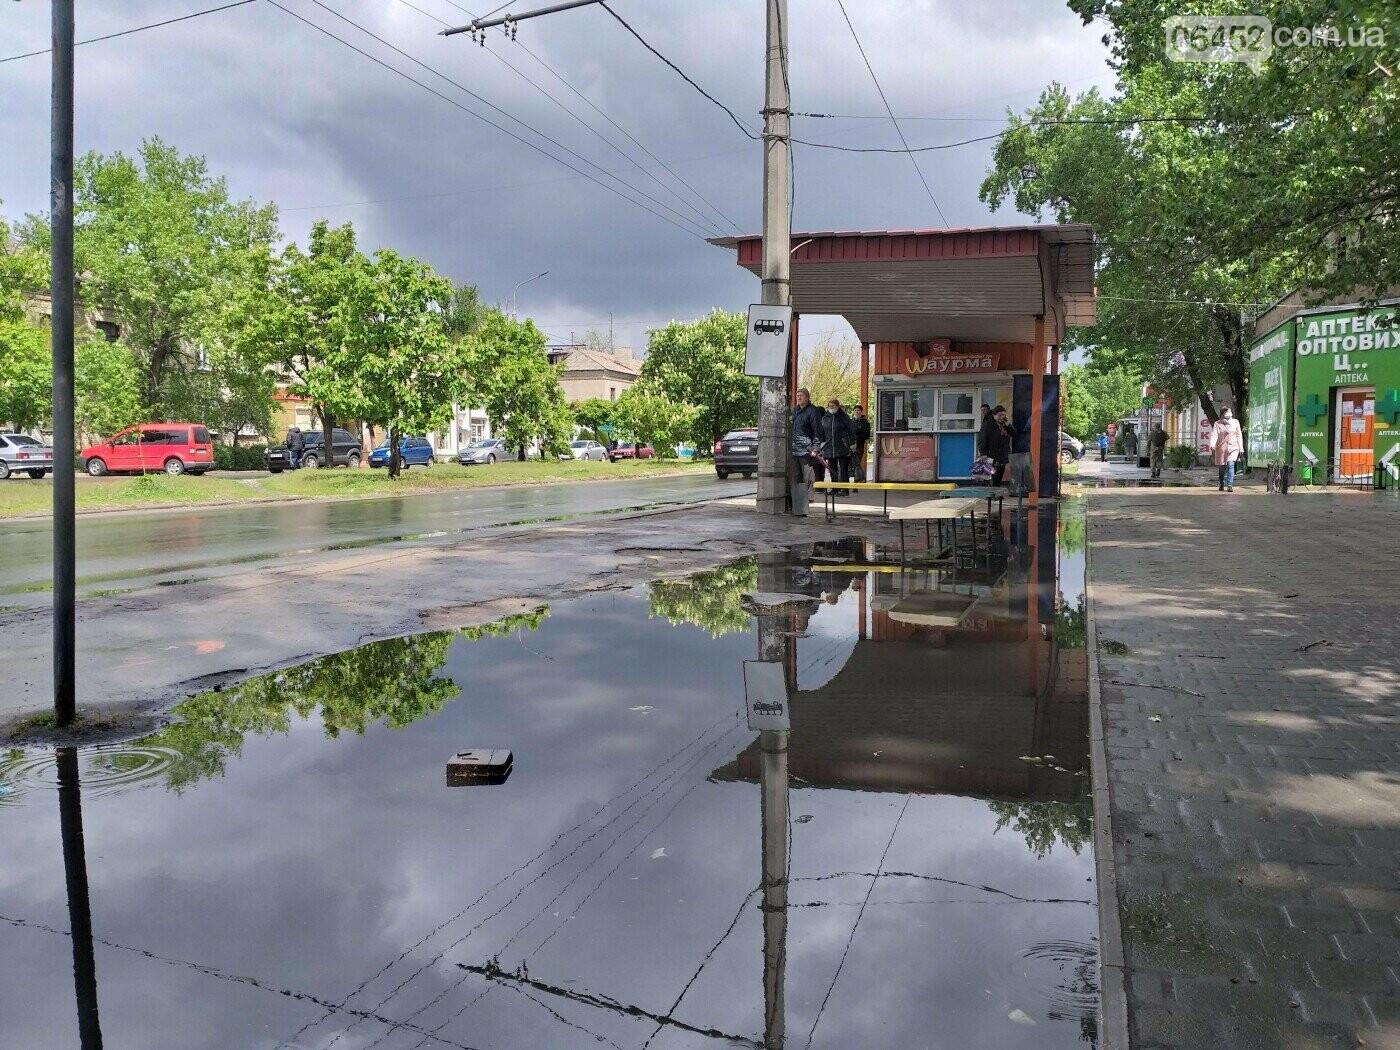 Северодончанам объяснили, почему в городе не продолжаются работы по укладке тротуарной плитки, фото-4